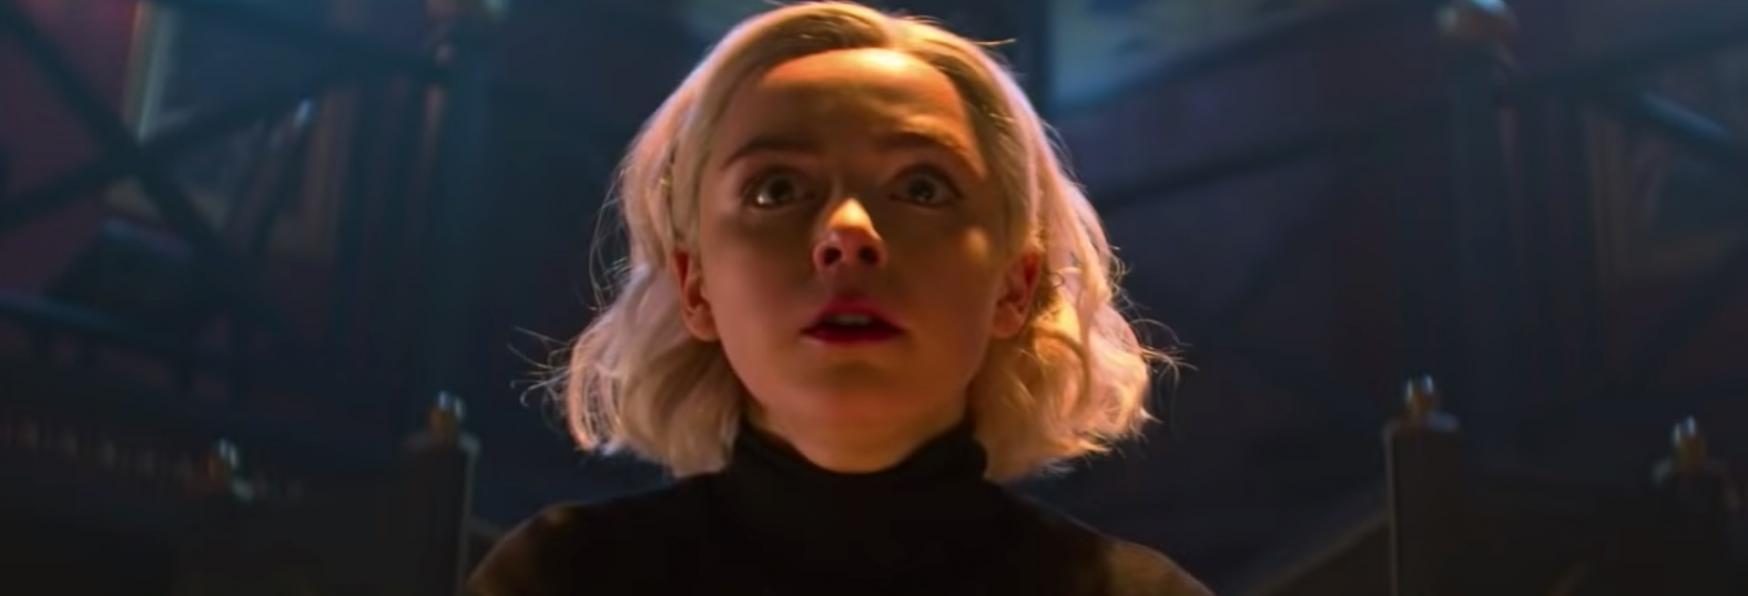 Le Terrificanti Avventure di Sabrina: nuove Informazioni in arrivo Molto Presto?